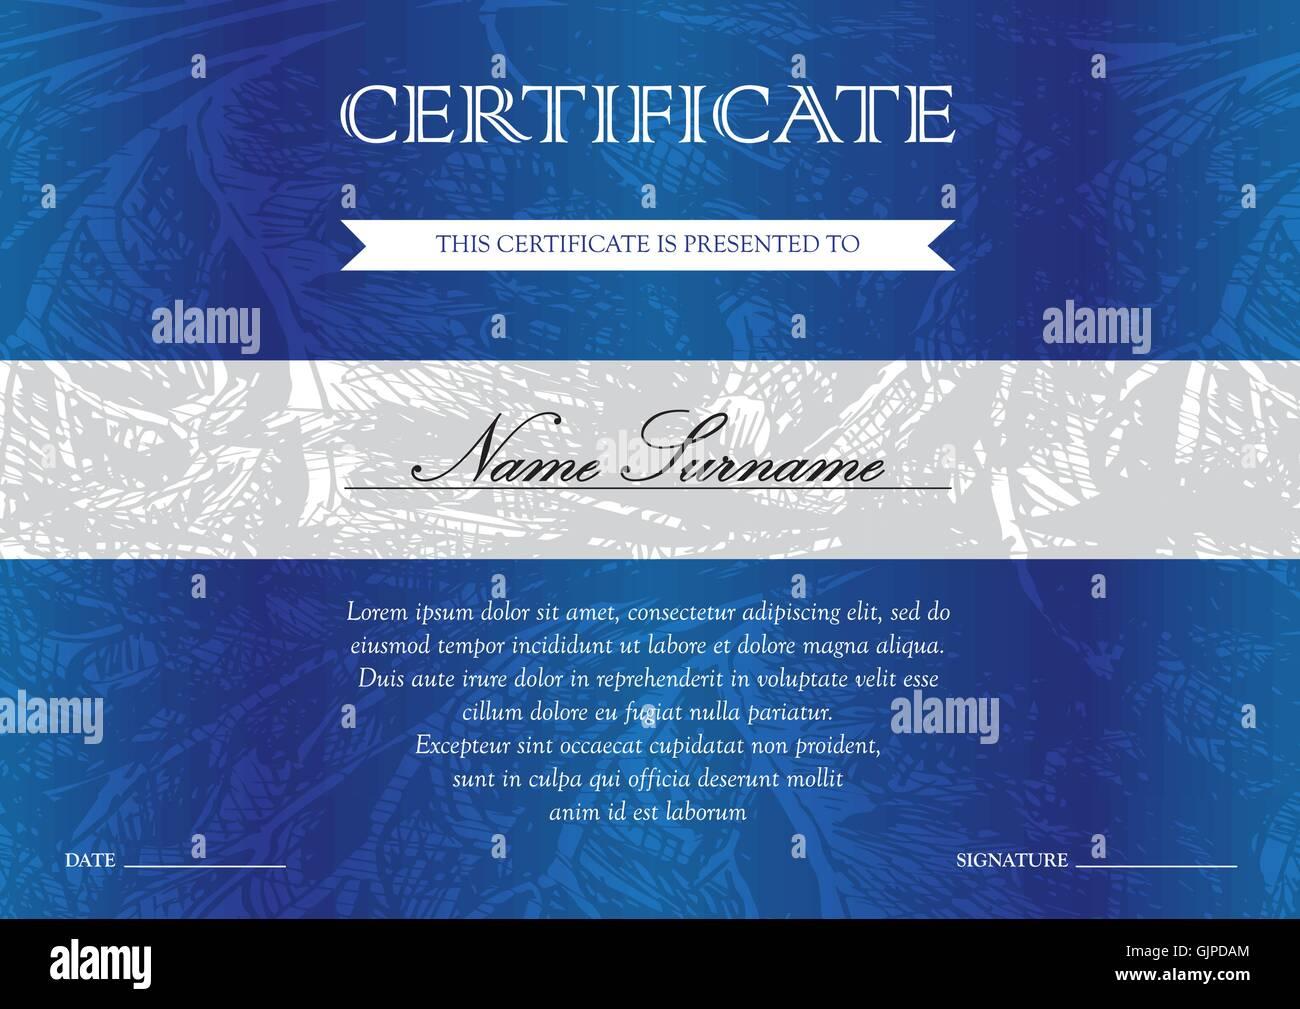 Nett Zertifikate Für Abschlussvorlagen Zeitgenössisch - Beispiel ...